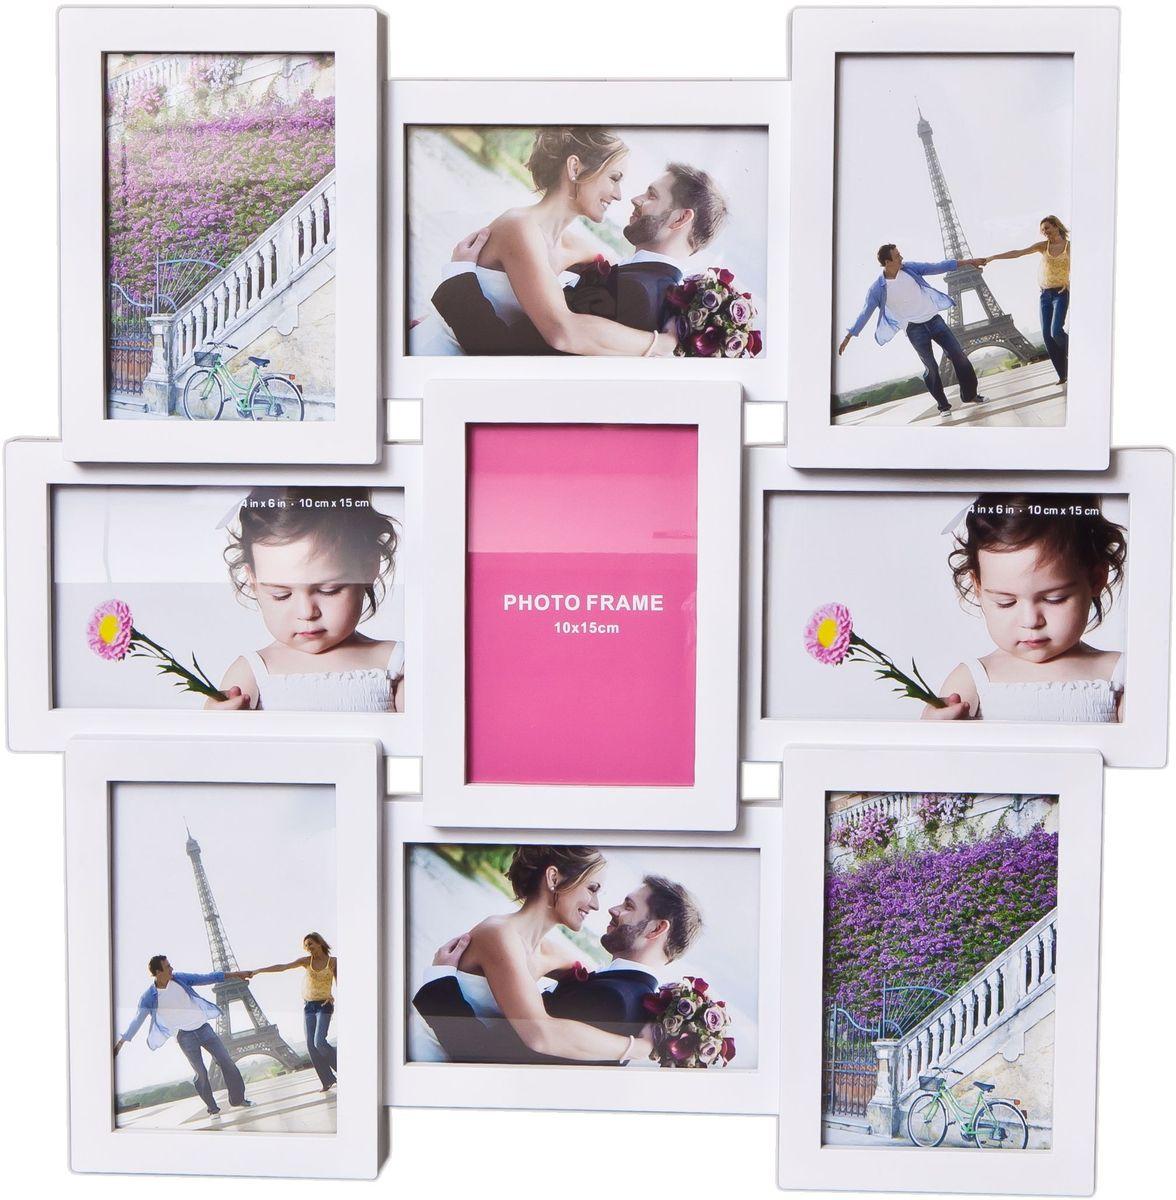 Фоторамка Platinum, цвет: белый, на 9 фото 10 х 15 см. BH-2209PLATINUM BH-2209B-White-БелыйФоторамка Platinum - прекрасный способ красиво оформить ваши фотографии. Фоторамка выполнена из пластика и защищена стеклом. Фоторамка-коллаж представляет собой девять фоторамок для фото одного размера оригинально соединенных между собой. Такая фоторамка поможет сохранить в памяти самые яркие моменты вашей жизни, а стильный дизайн сделает ее прекрасным дополнением интерьера комнаты. Фоторамка подходит для фотографий 10 х 15 см. Общий размер фоторамки: 44 х 44 см.